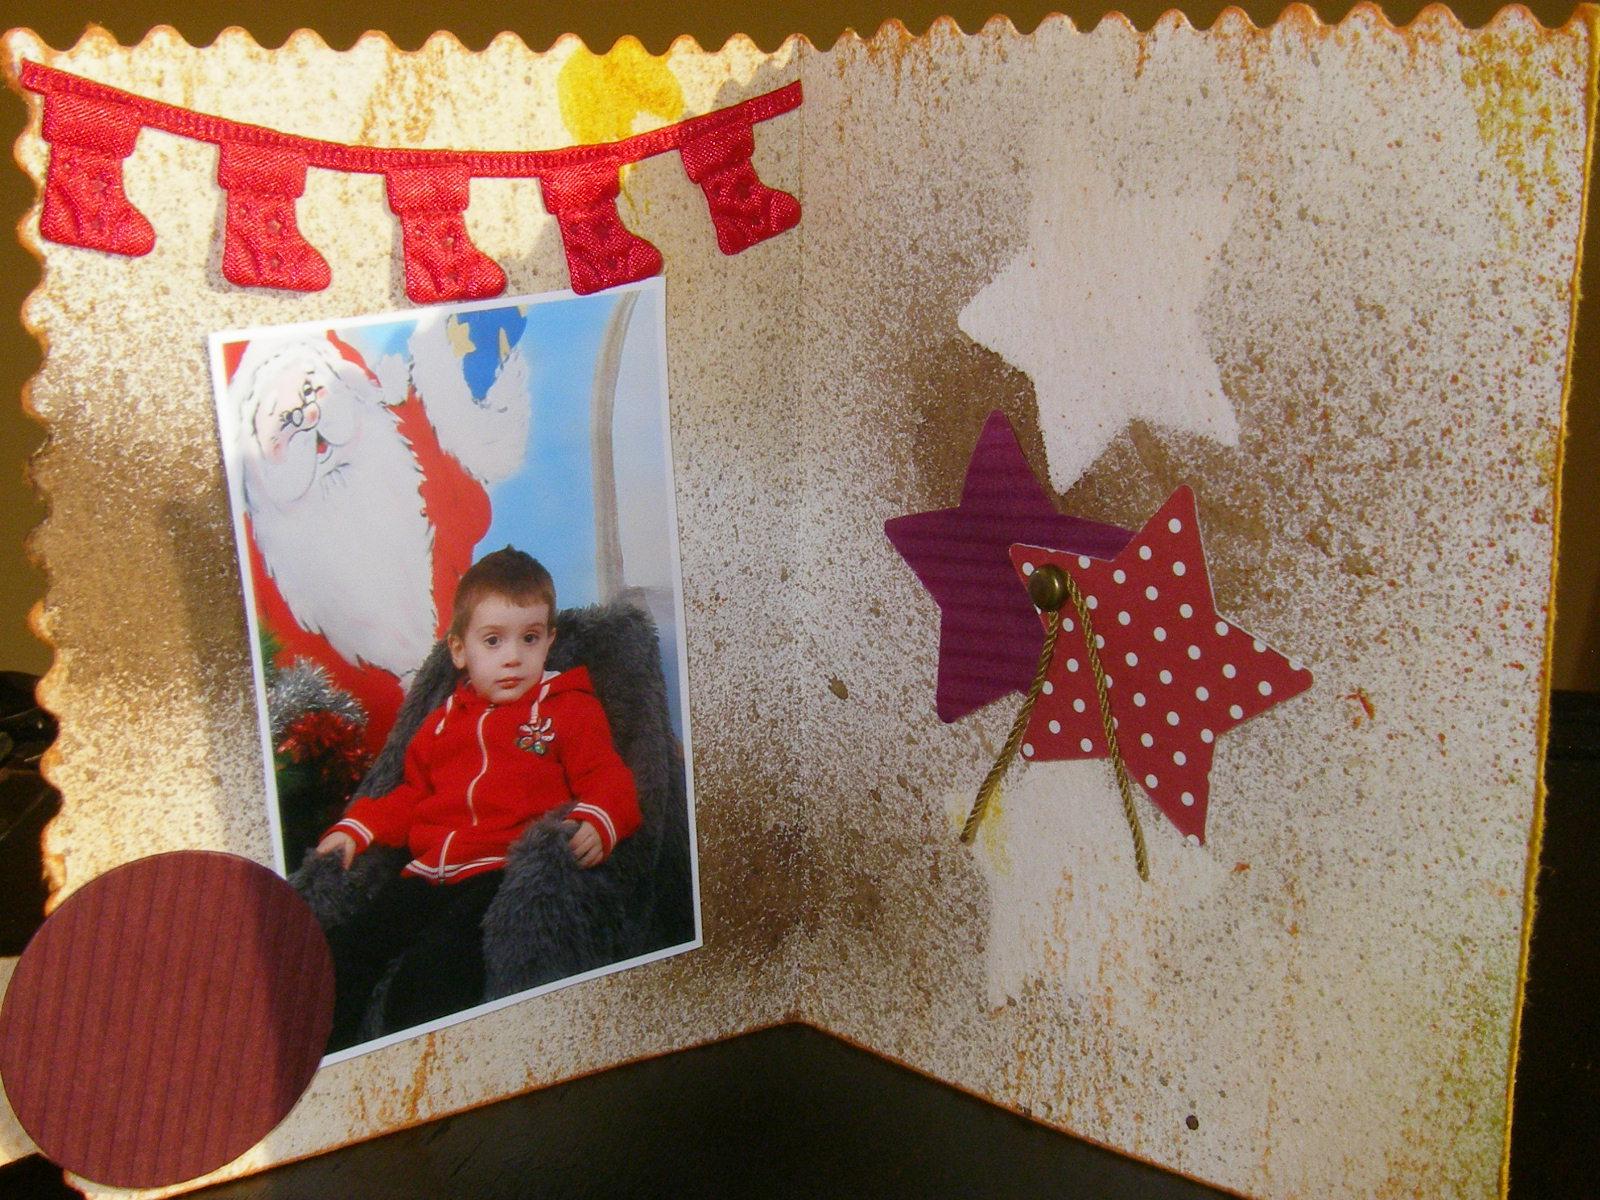 un grupo de amigas en casa para hacer postales de navidad laura nos ense a decorar velas y mnica nos di grandes ideas para hacer nuestras postales